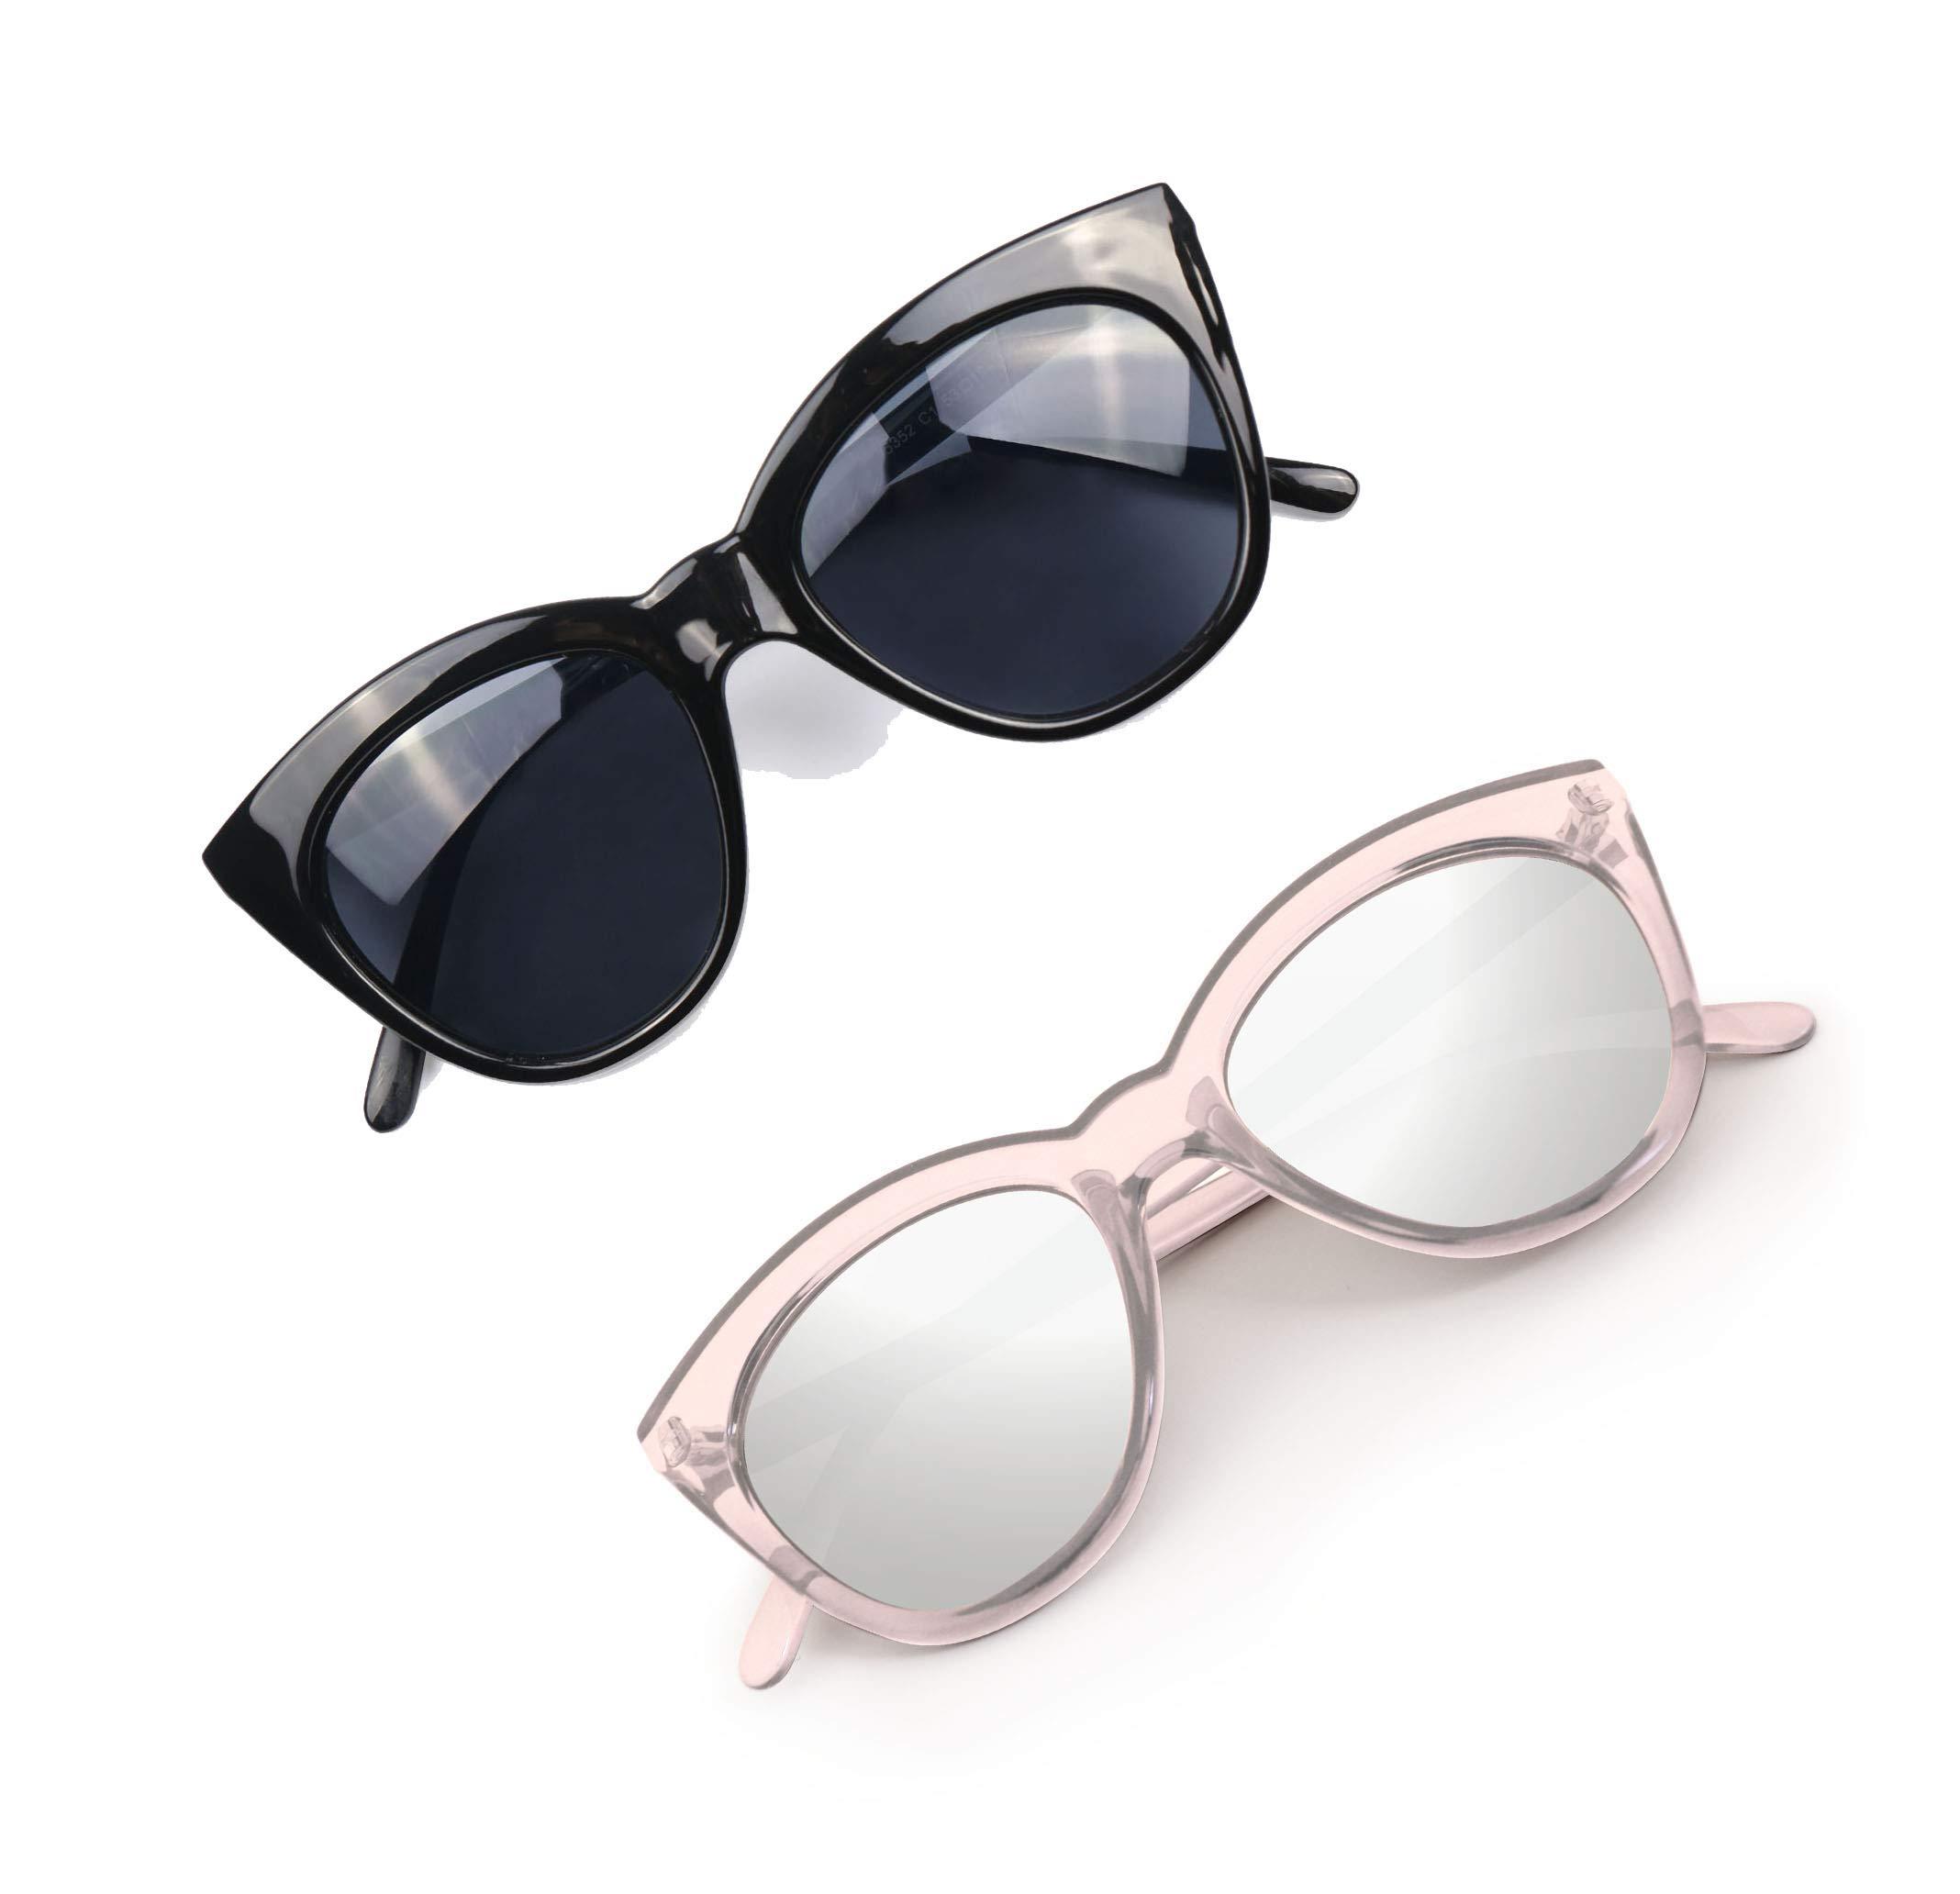 4810c6e0d4d84 Hoyee Eyes Cat Eye Polarized Sunglasses for Women